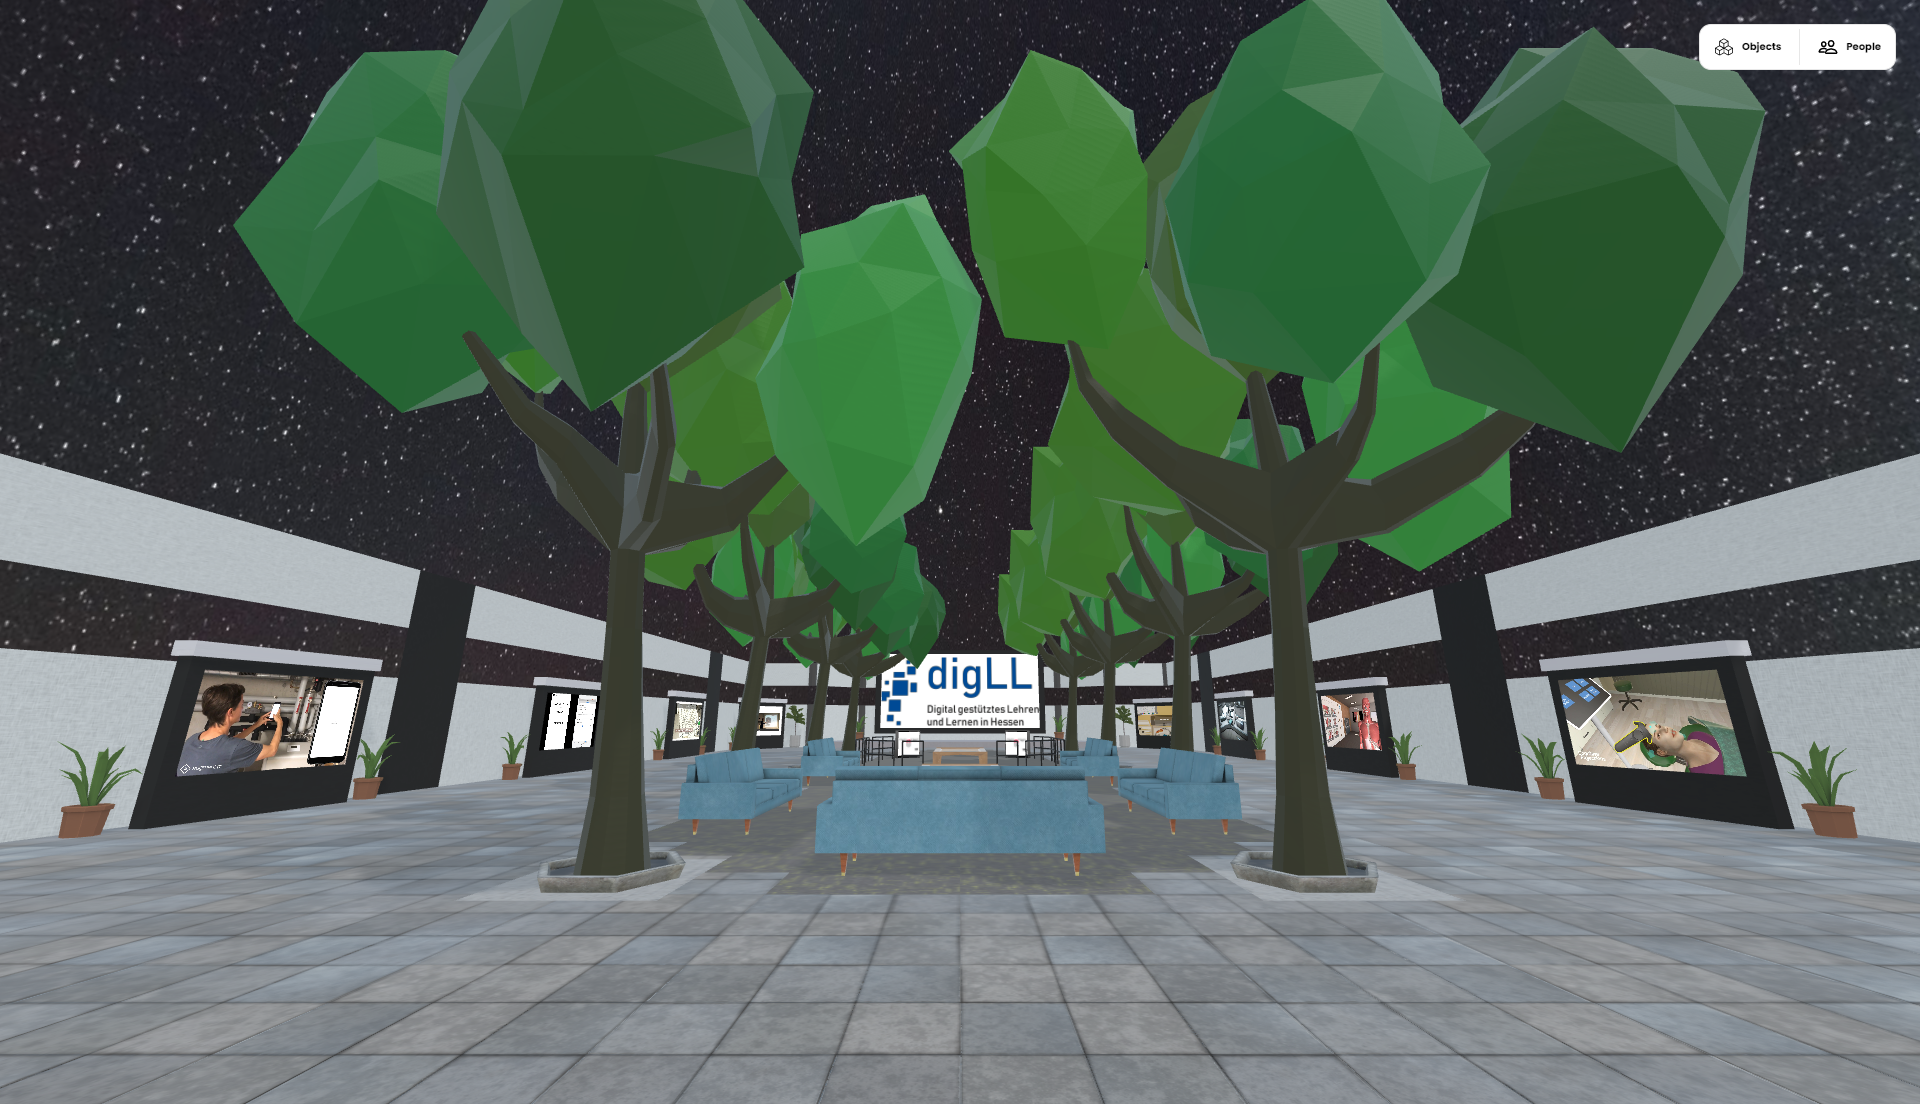 Ein virtueller Saal mit Pflanzen, Sitzmöglichkeiten und mehreren Bildschirmen auf welchen Medien zu sehen sind.